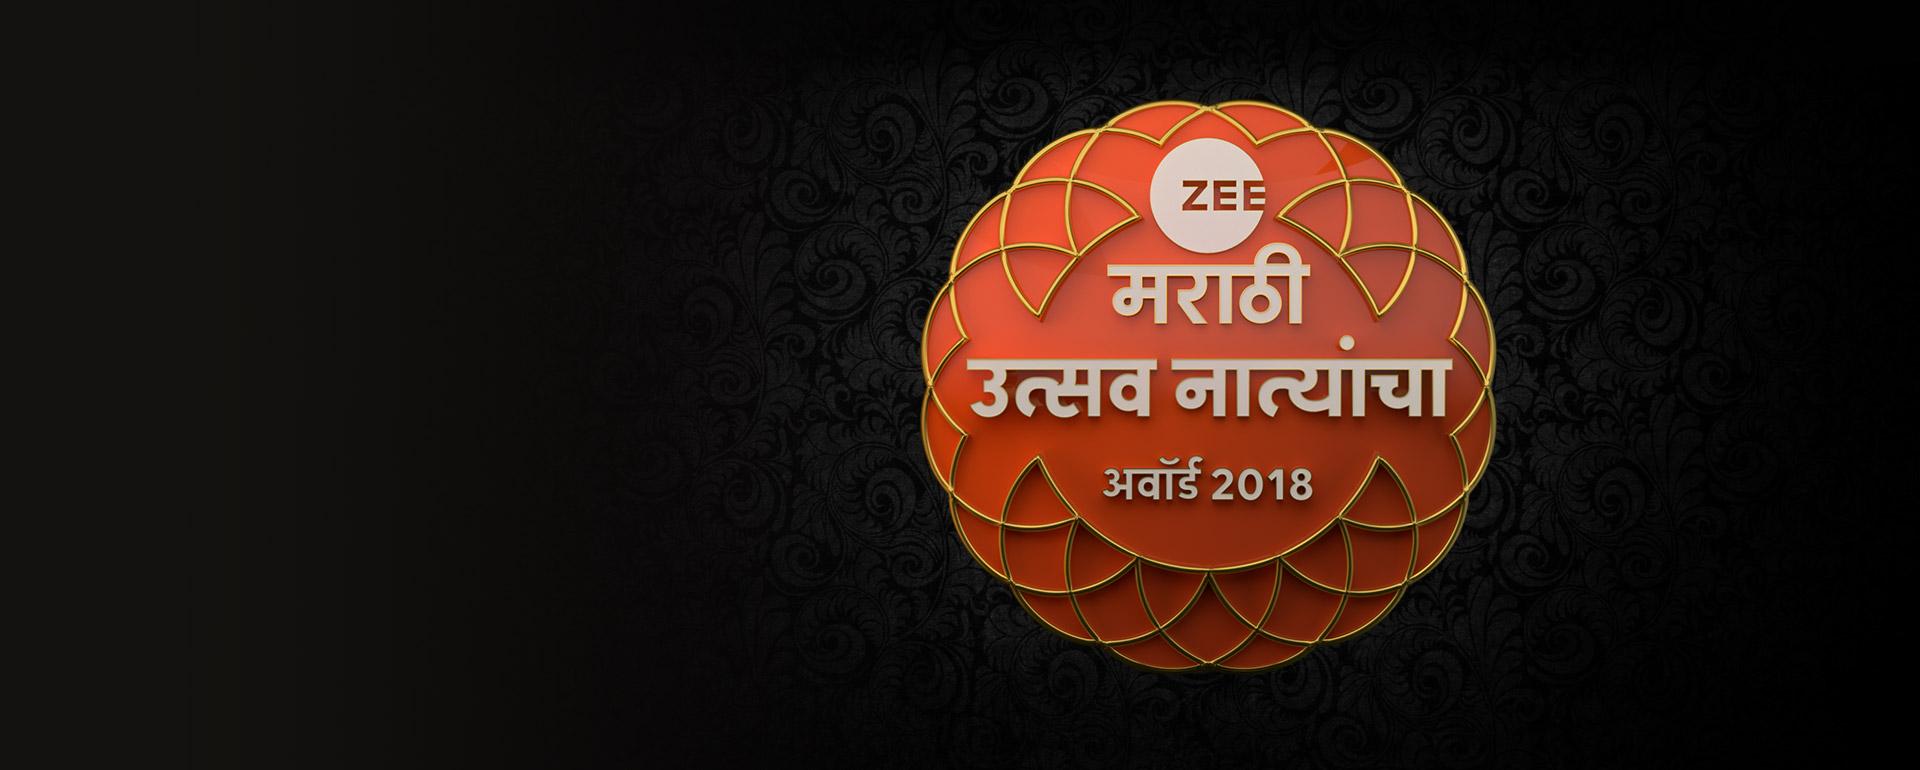 Zee Marathi Awards 2018